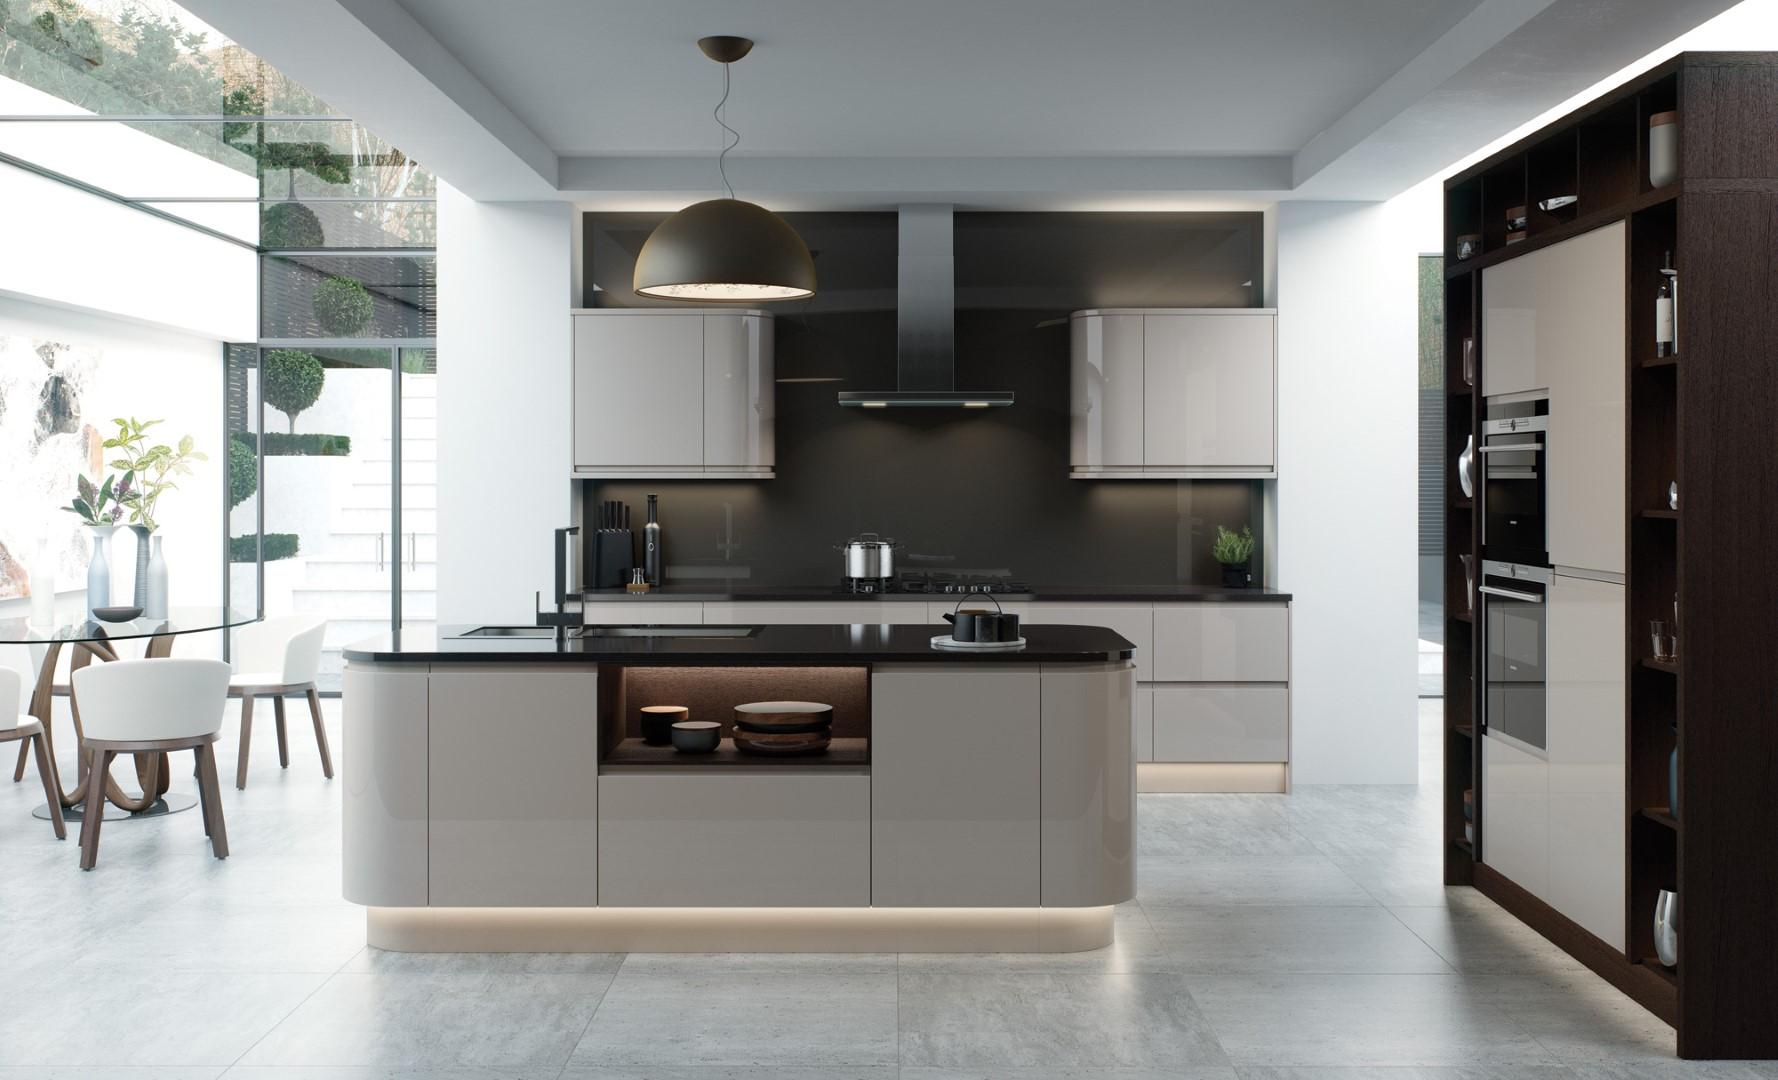 Modern Contemporary Kitchen - Strada Gloss Cashmere Kitchen - Kitchen Design - Alan Kelly Kitchens - Waterford